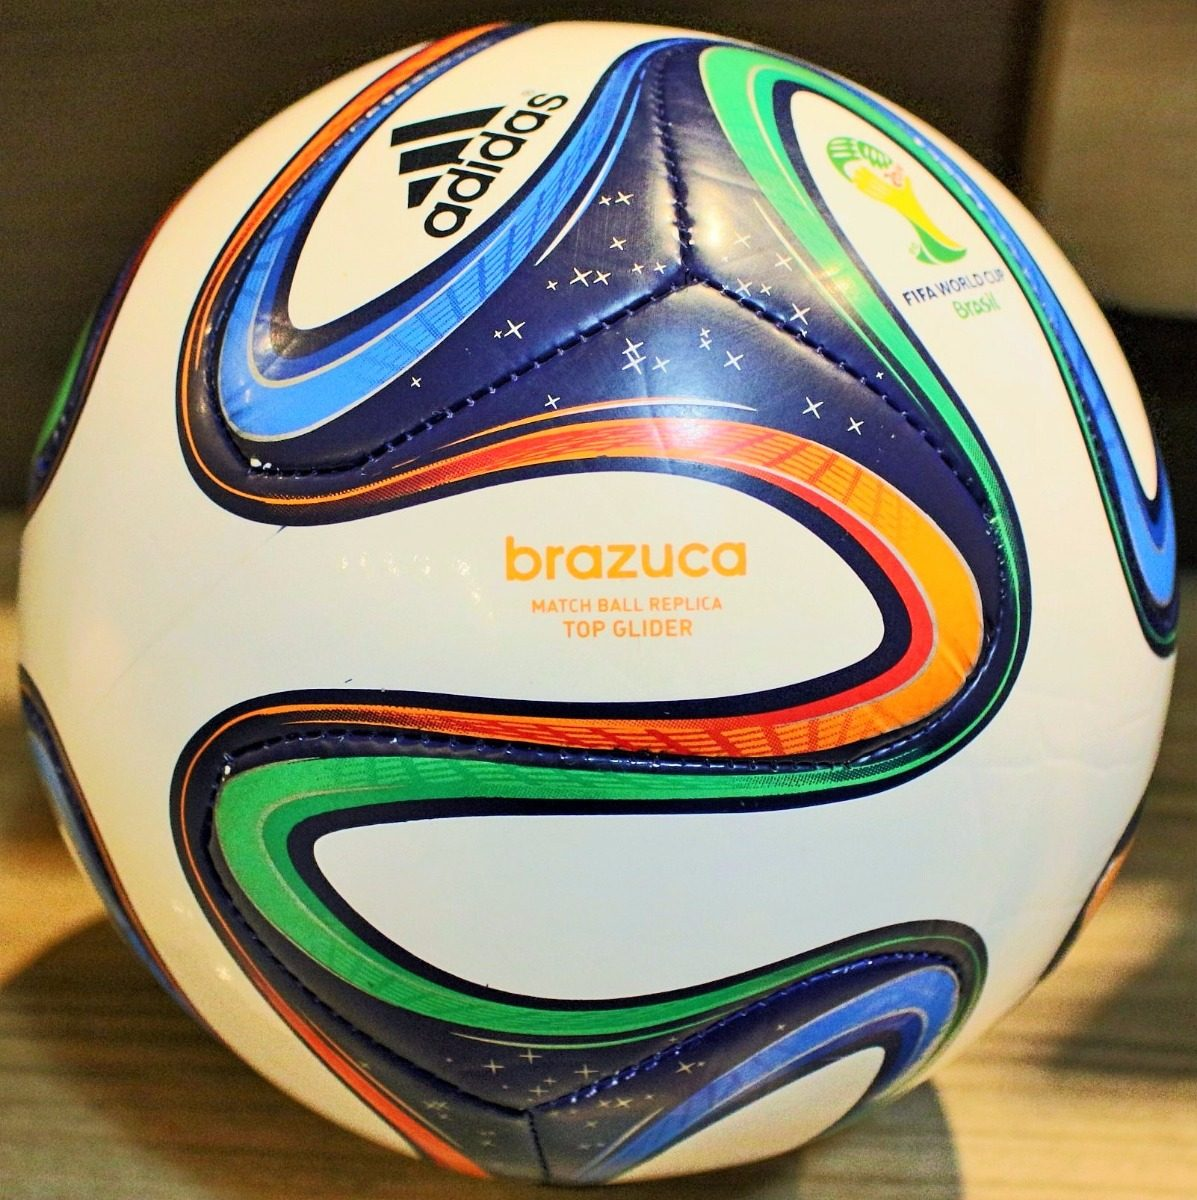 linda bola original adidas brazuca sem a logo play station. Carregando zoom. d598d03bd2c43